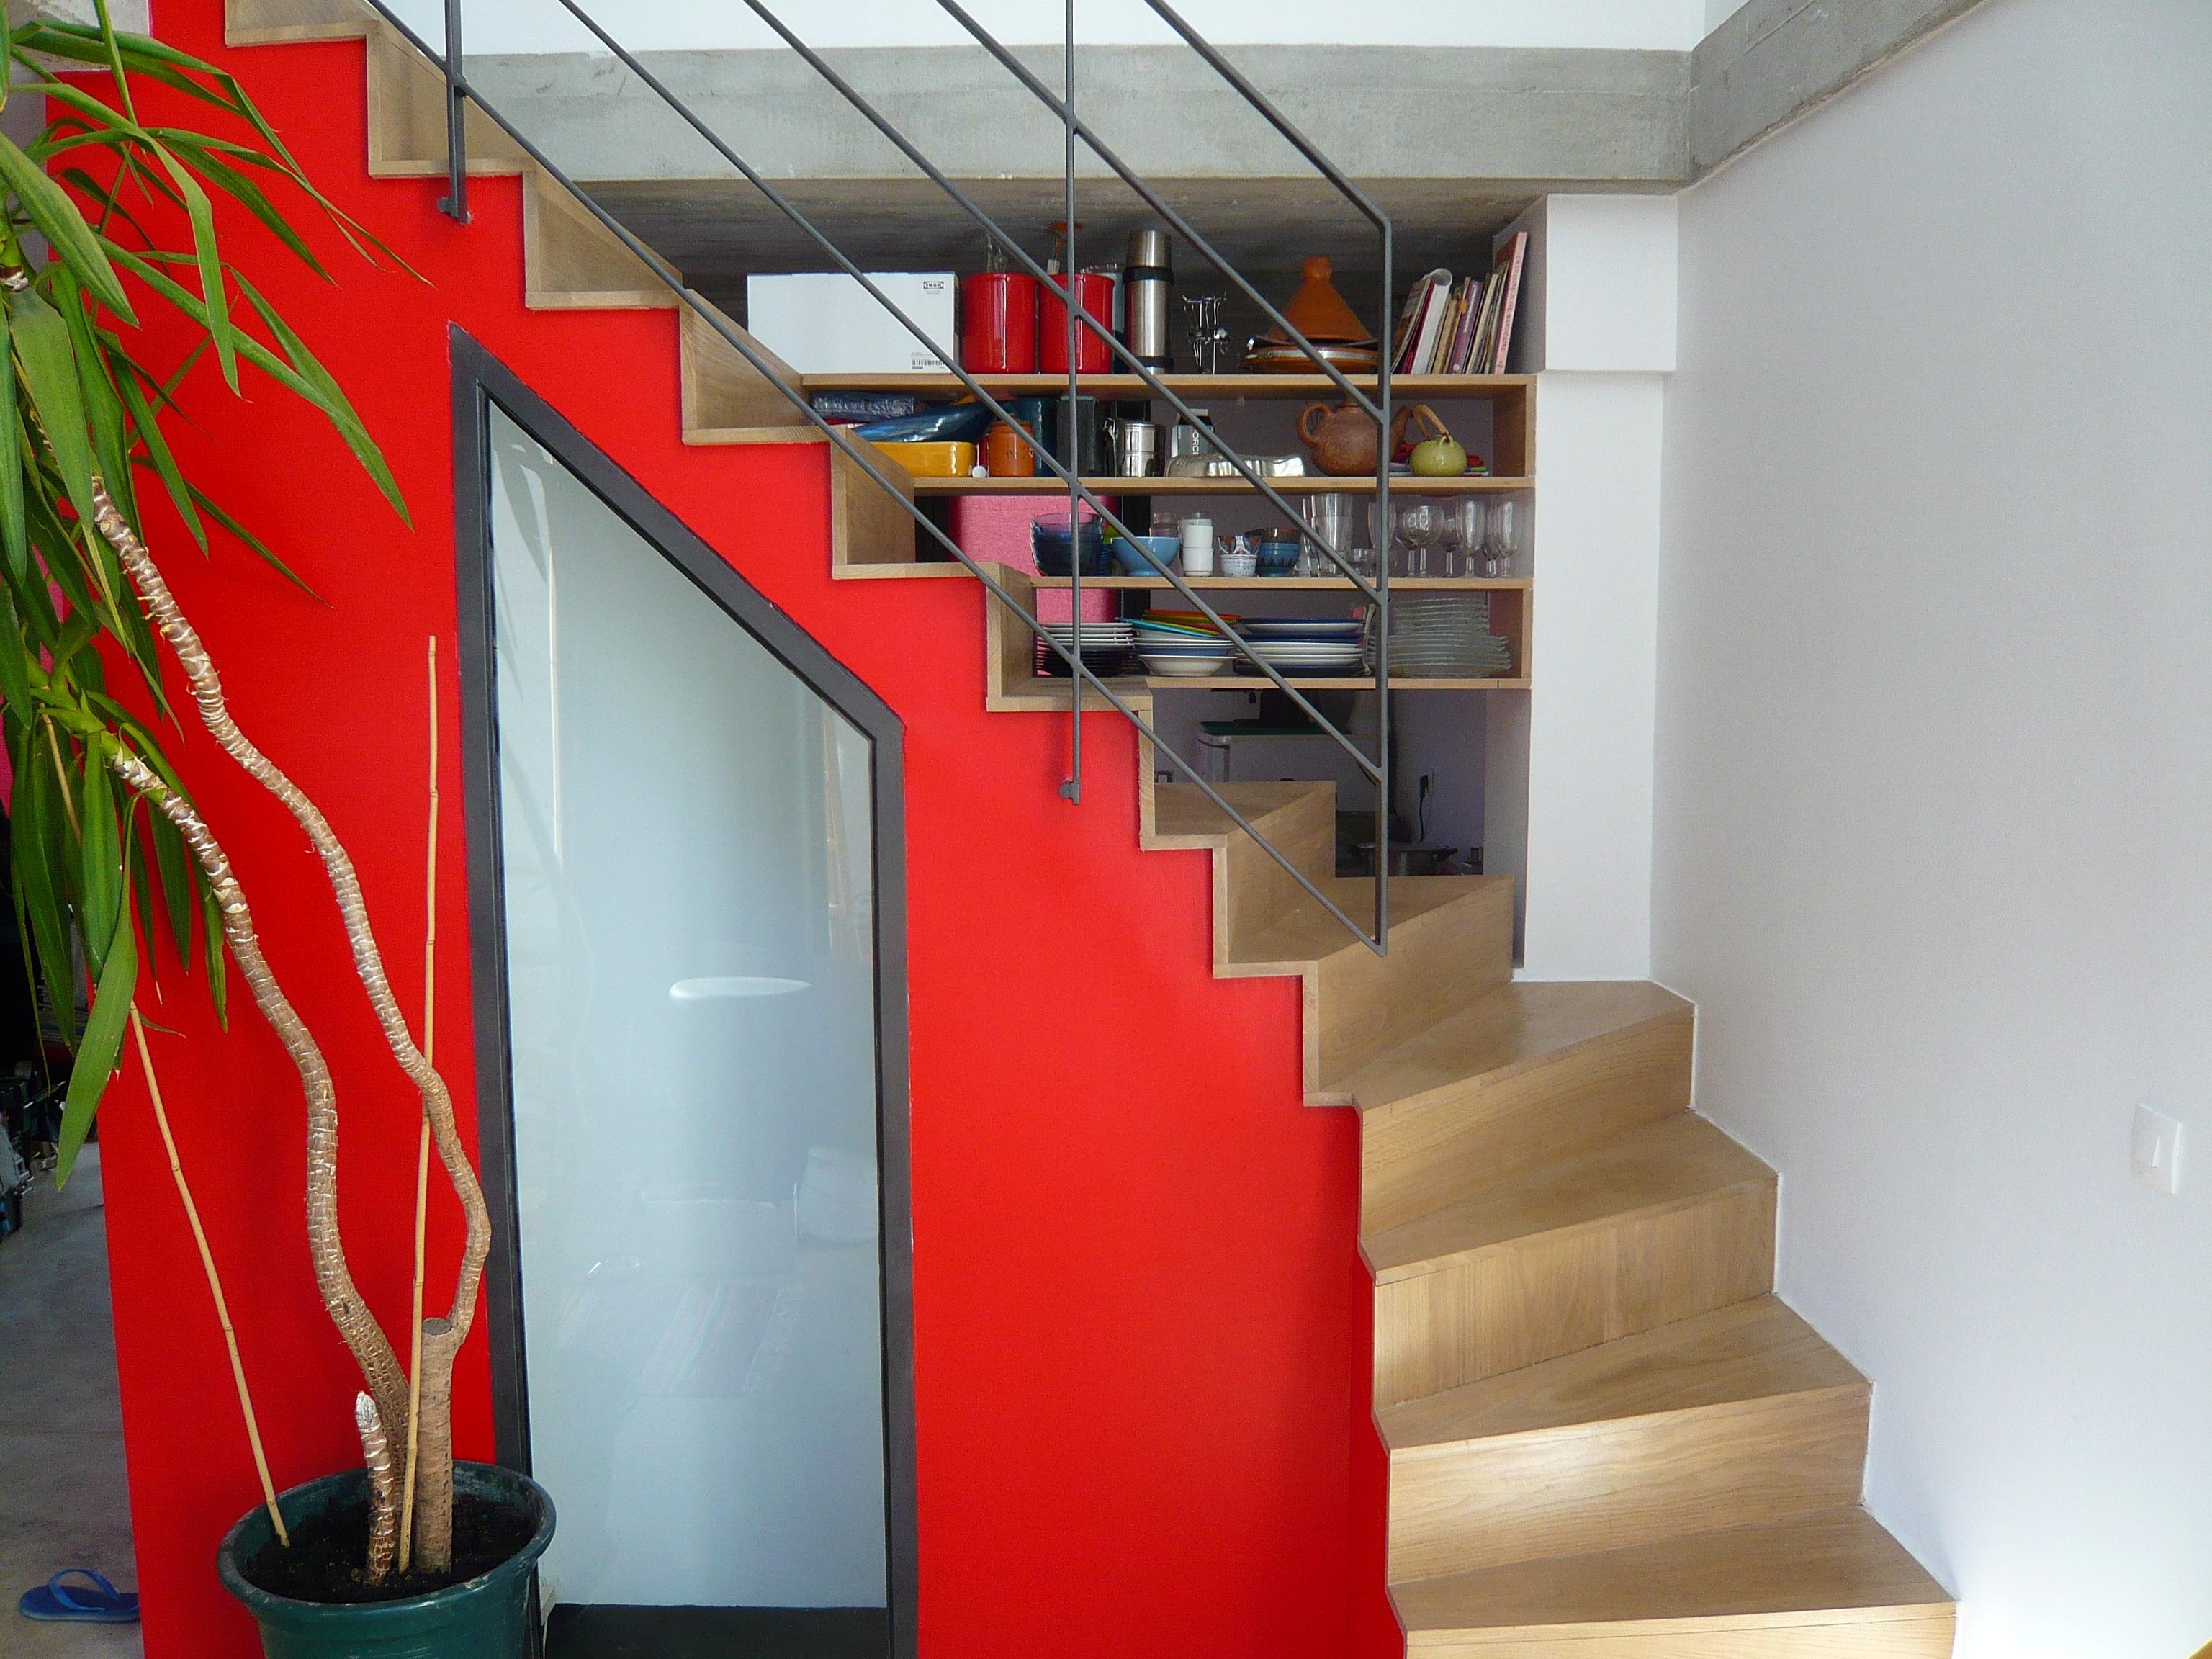 cuisine + escalier Montreuil1024